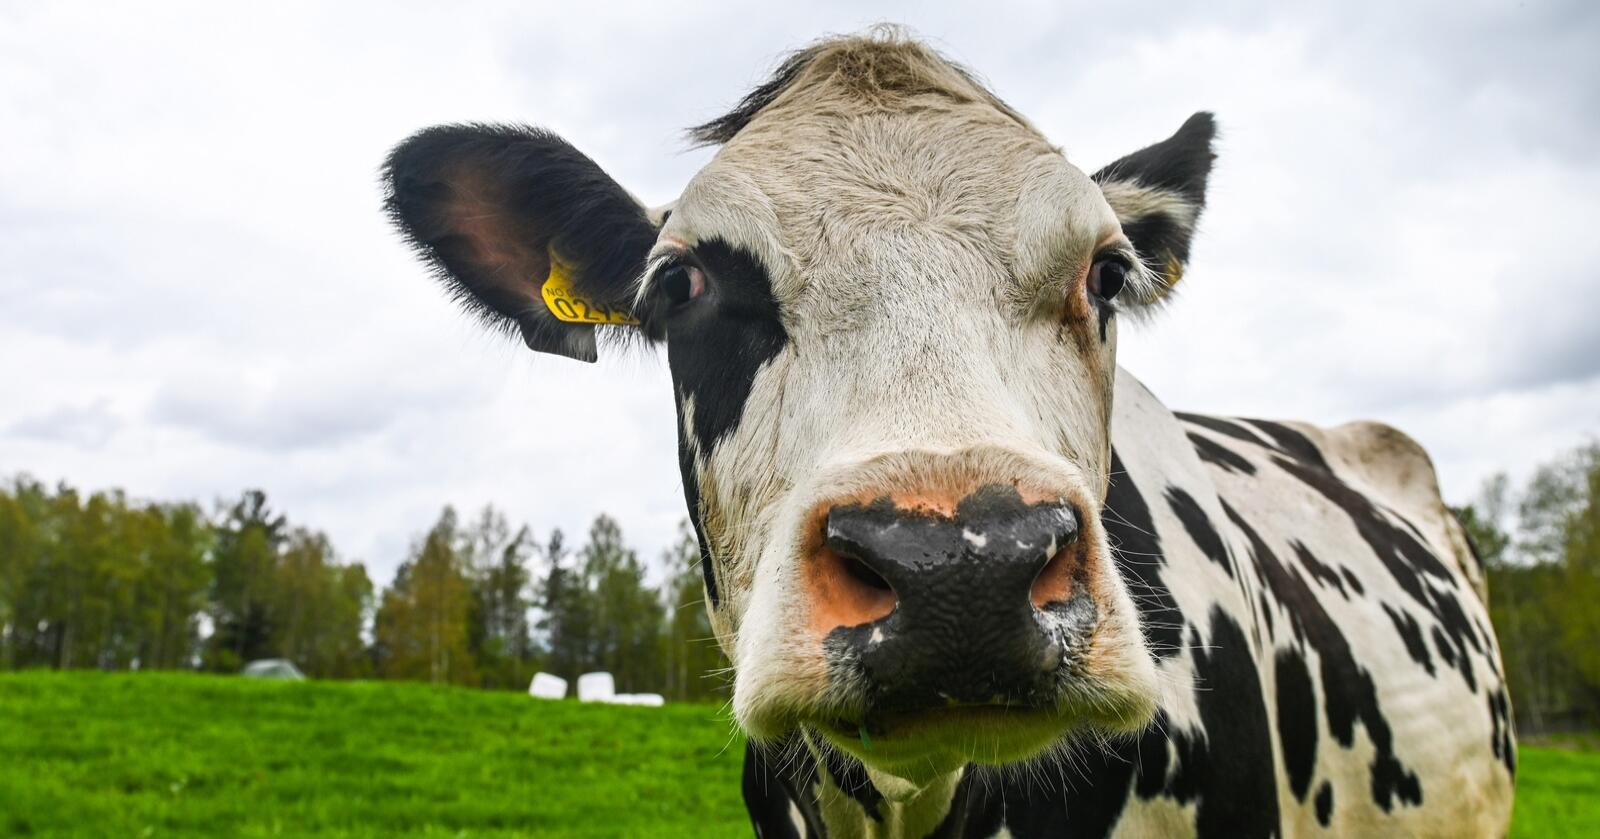 Norsk fôr: Tine har et overordnet mål om at melkekyr skal spise opp mot 100 prosent norskprodusert fôr.